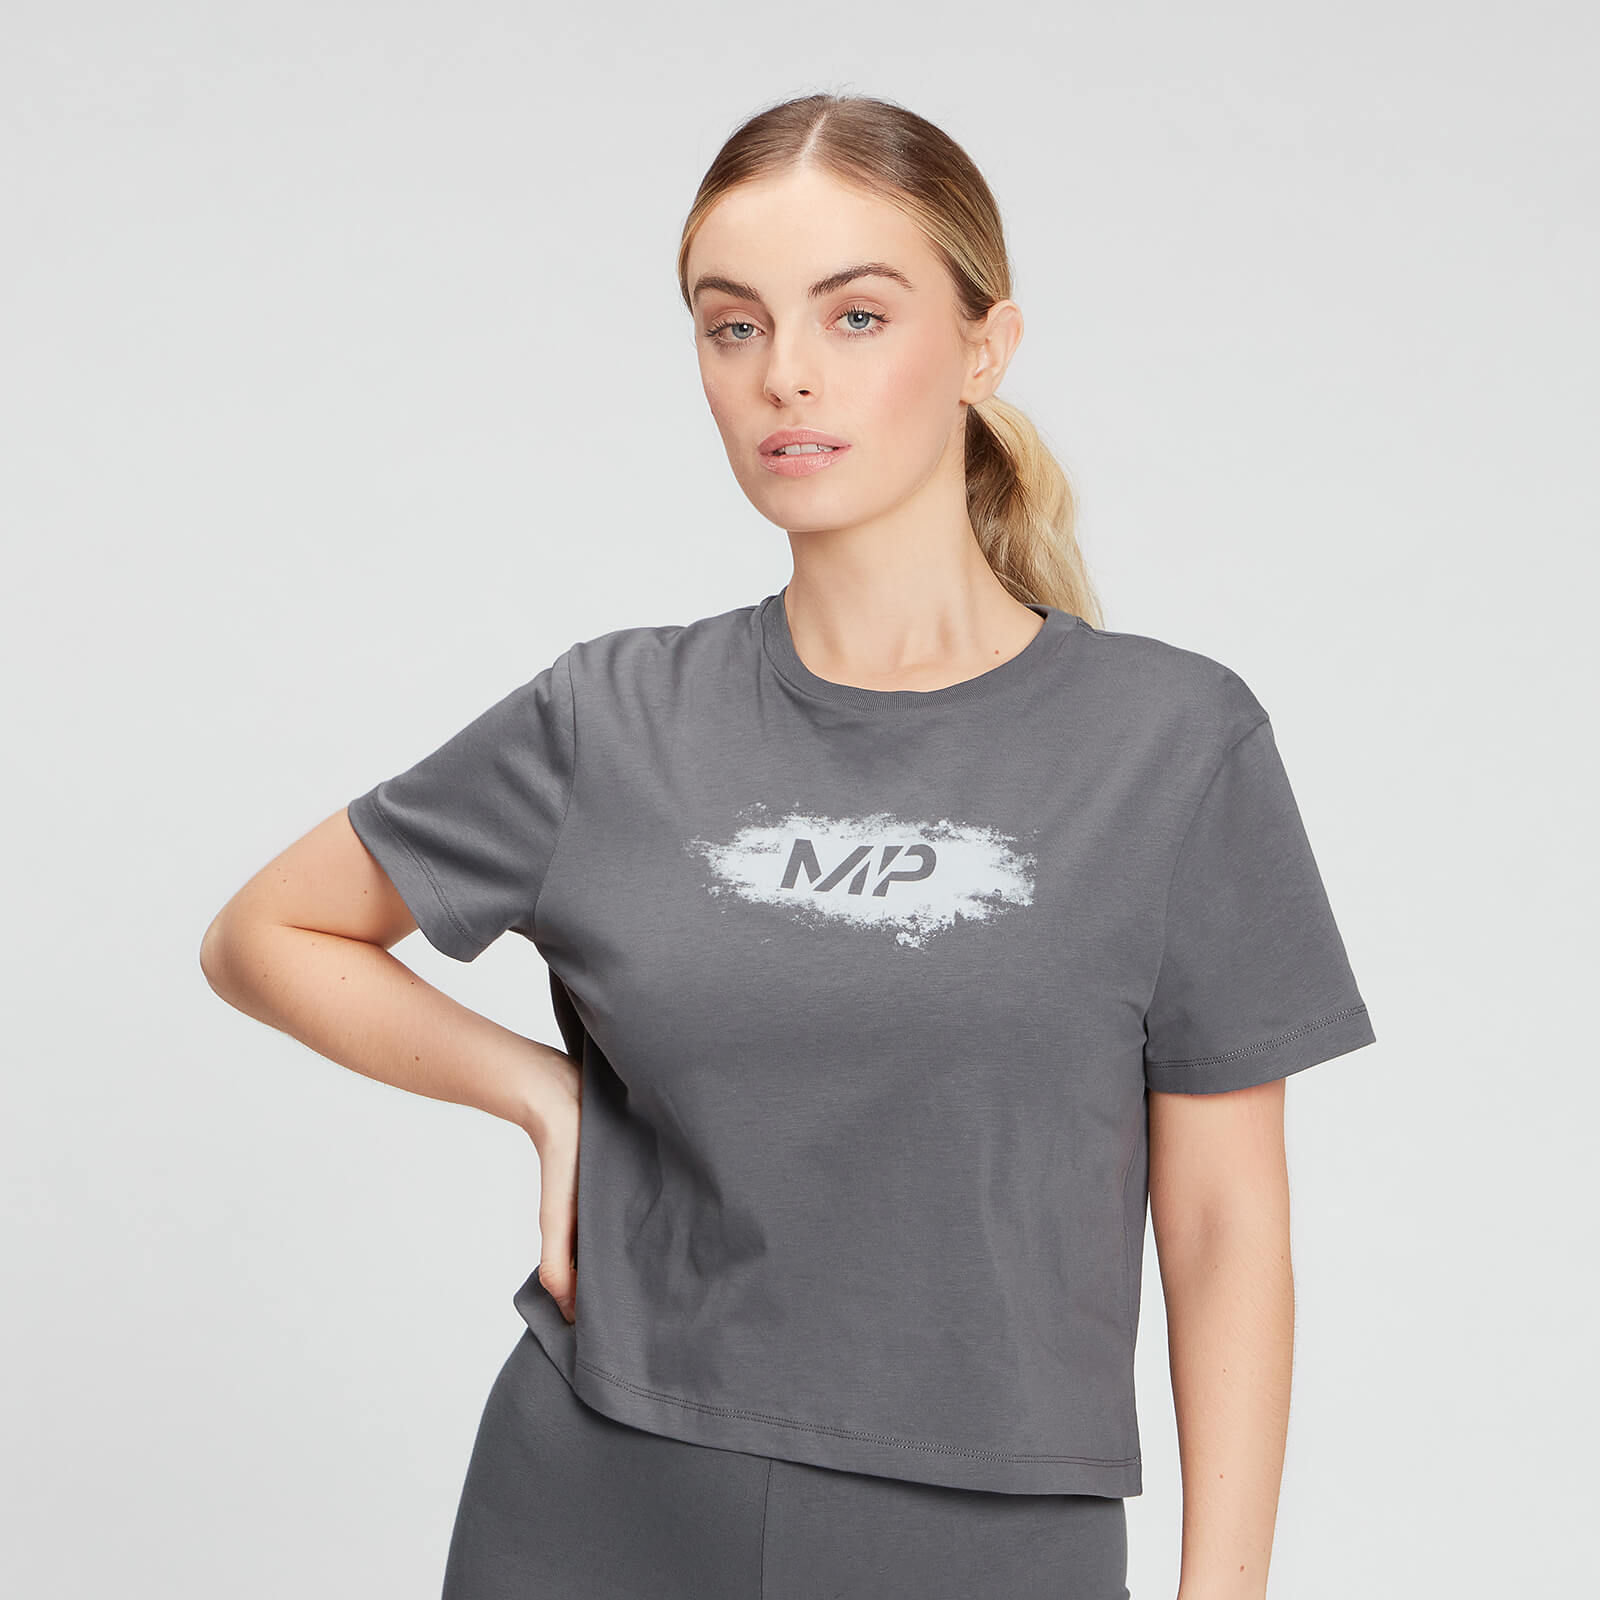 Купить MP Women's Chalk Graphic Crop T-shirt - Carbon - XXL, Myprotein International